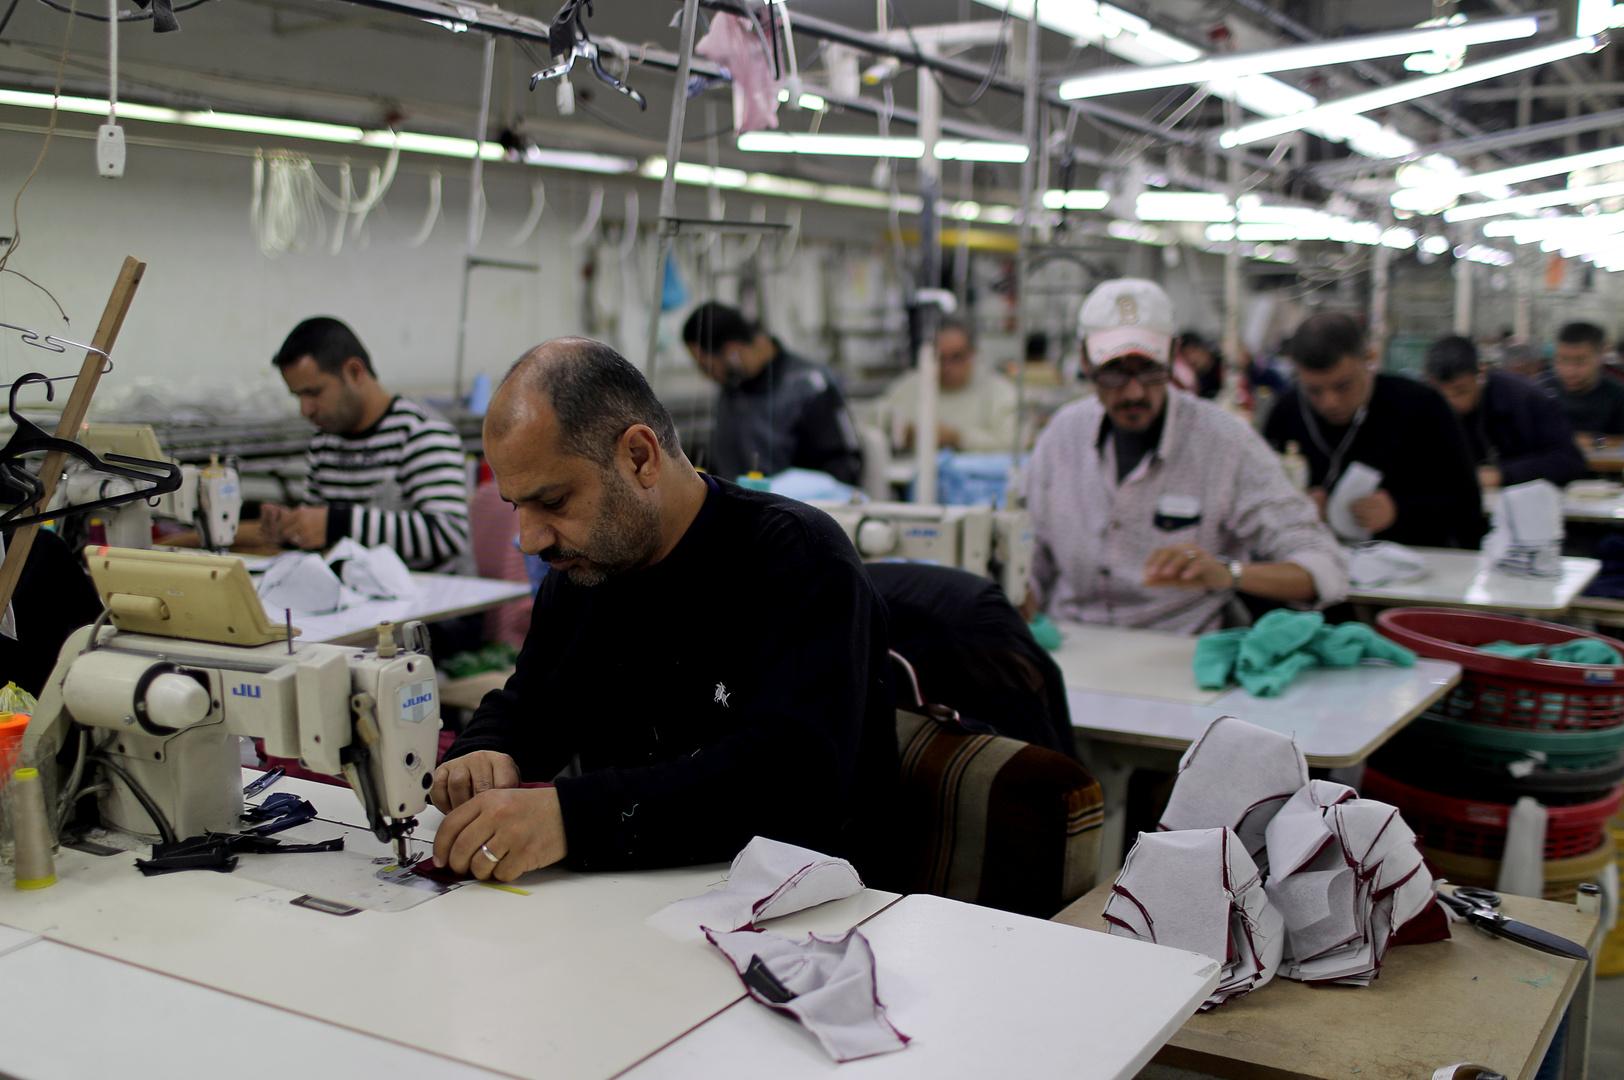 ورشة لتصنيع الكمامات الواقية في قطاع غزة